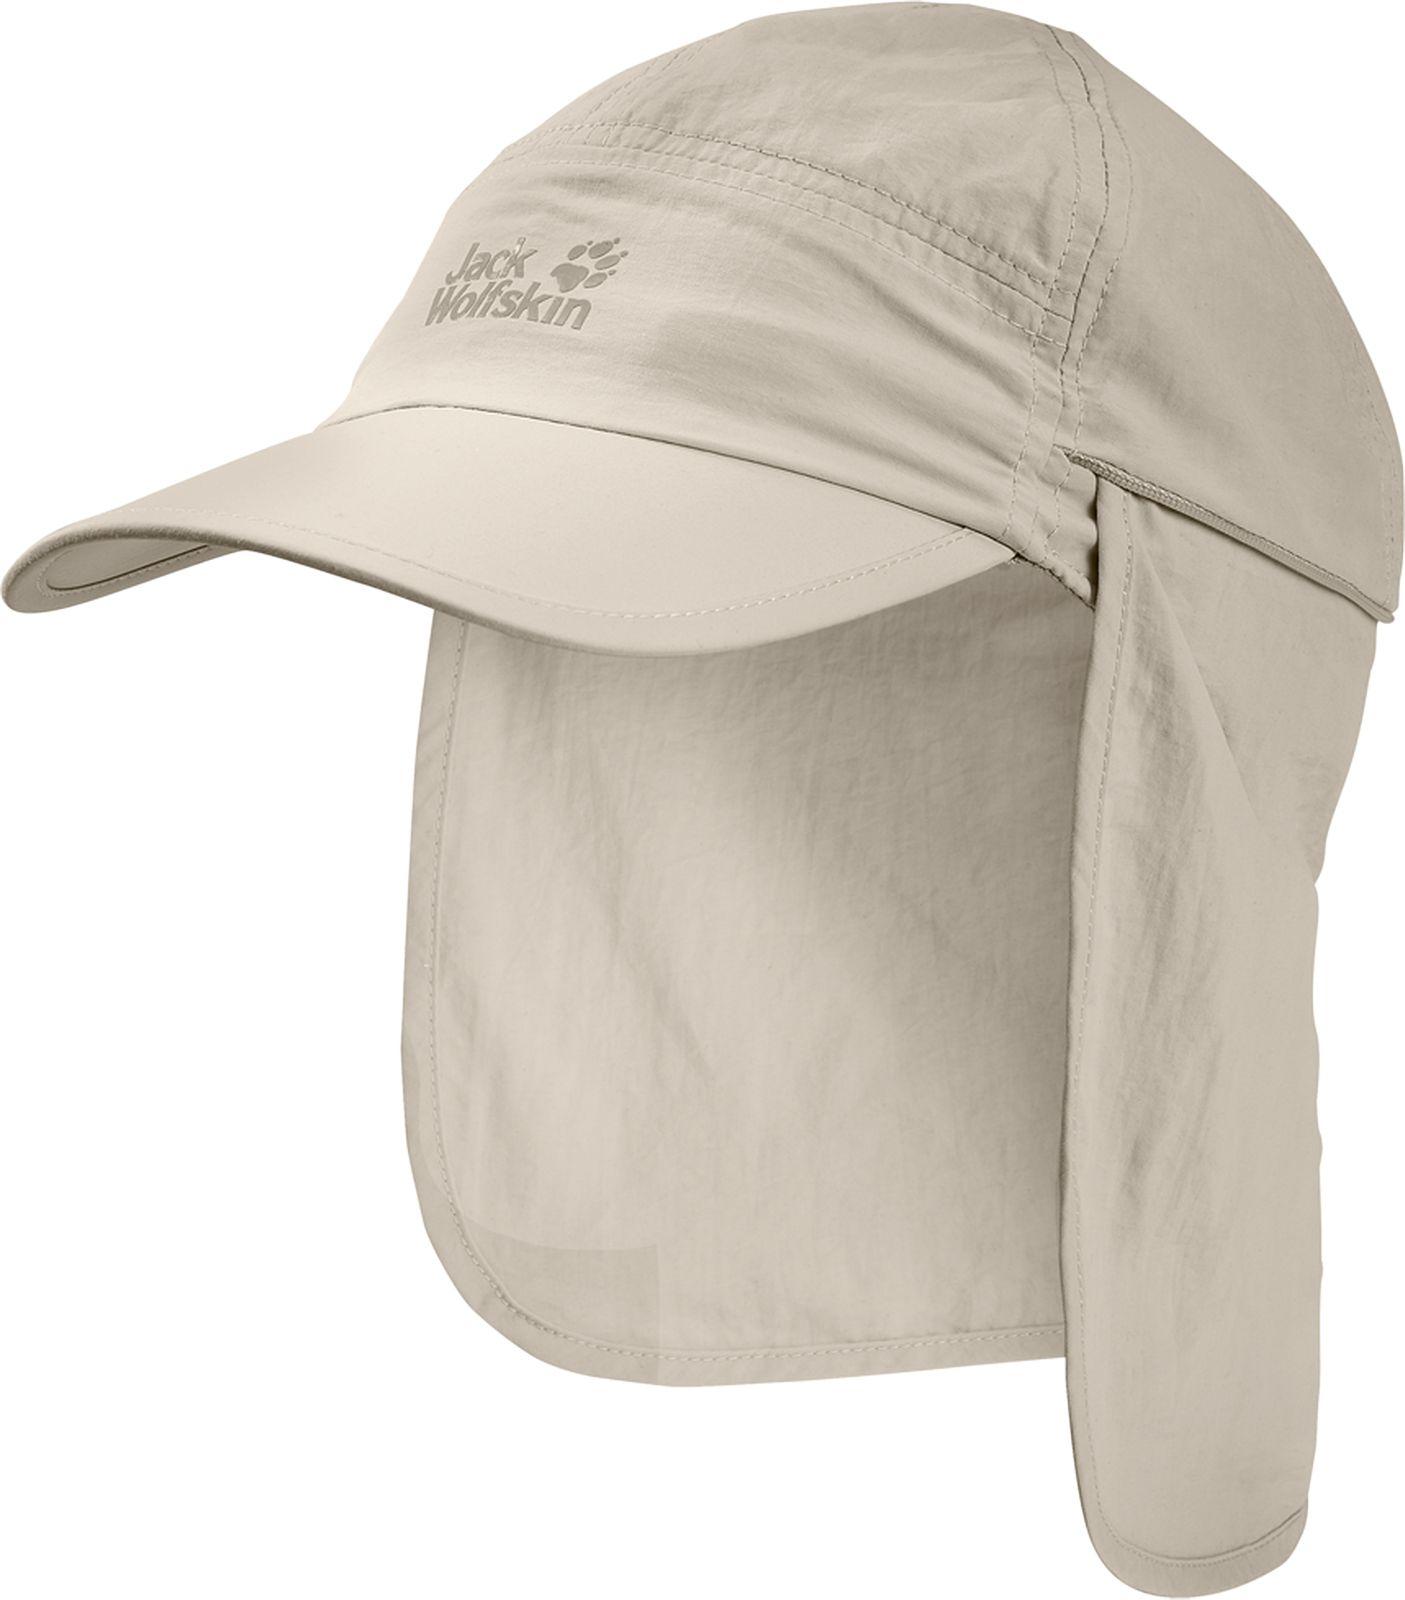 Кепка Jack Wolfskin Supplex Canyon Cap, цвет: молочный. 1905891-5505. Размер M (54/57)1905891-5505Кепка Supplex Canyon Cap идеально подходит для путешествий в жарких странах. Верх изделия выполнен из материала SUPPLEX (100% полиамид). Это легкая, мягкая и быстро сохнущая ткань. Подкладка изготовлена из легкого материала COOLMAX MESH (100% полиэстер), который создает прохладу, выводит влагу наружу и обеспечивает комфорт при носке. Кепка обладает высокой защитой от ультрафиолета (UPF 40+), поэтому она идеально защитит вашу голову и лицо от палящего солнца. Кепка также имеет защиту для шеи, которую при необходимости можно свернуть. Модель выполнена в однотонном дизайне и дополнена логотипом бренда.